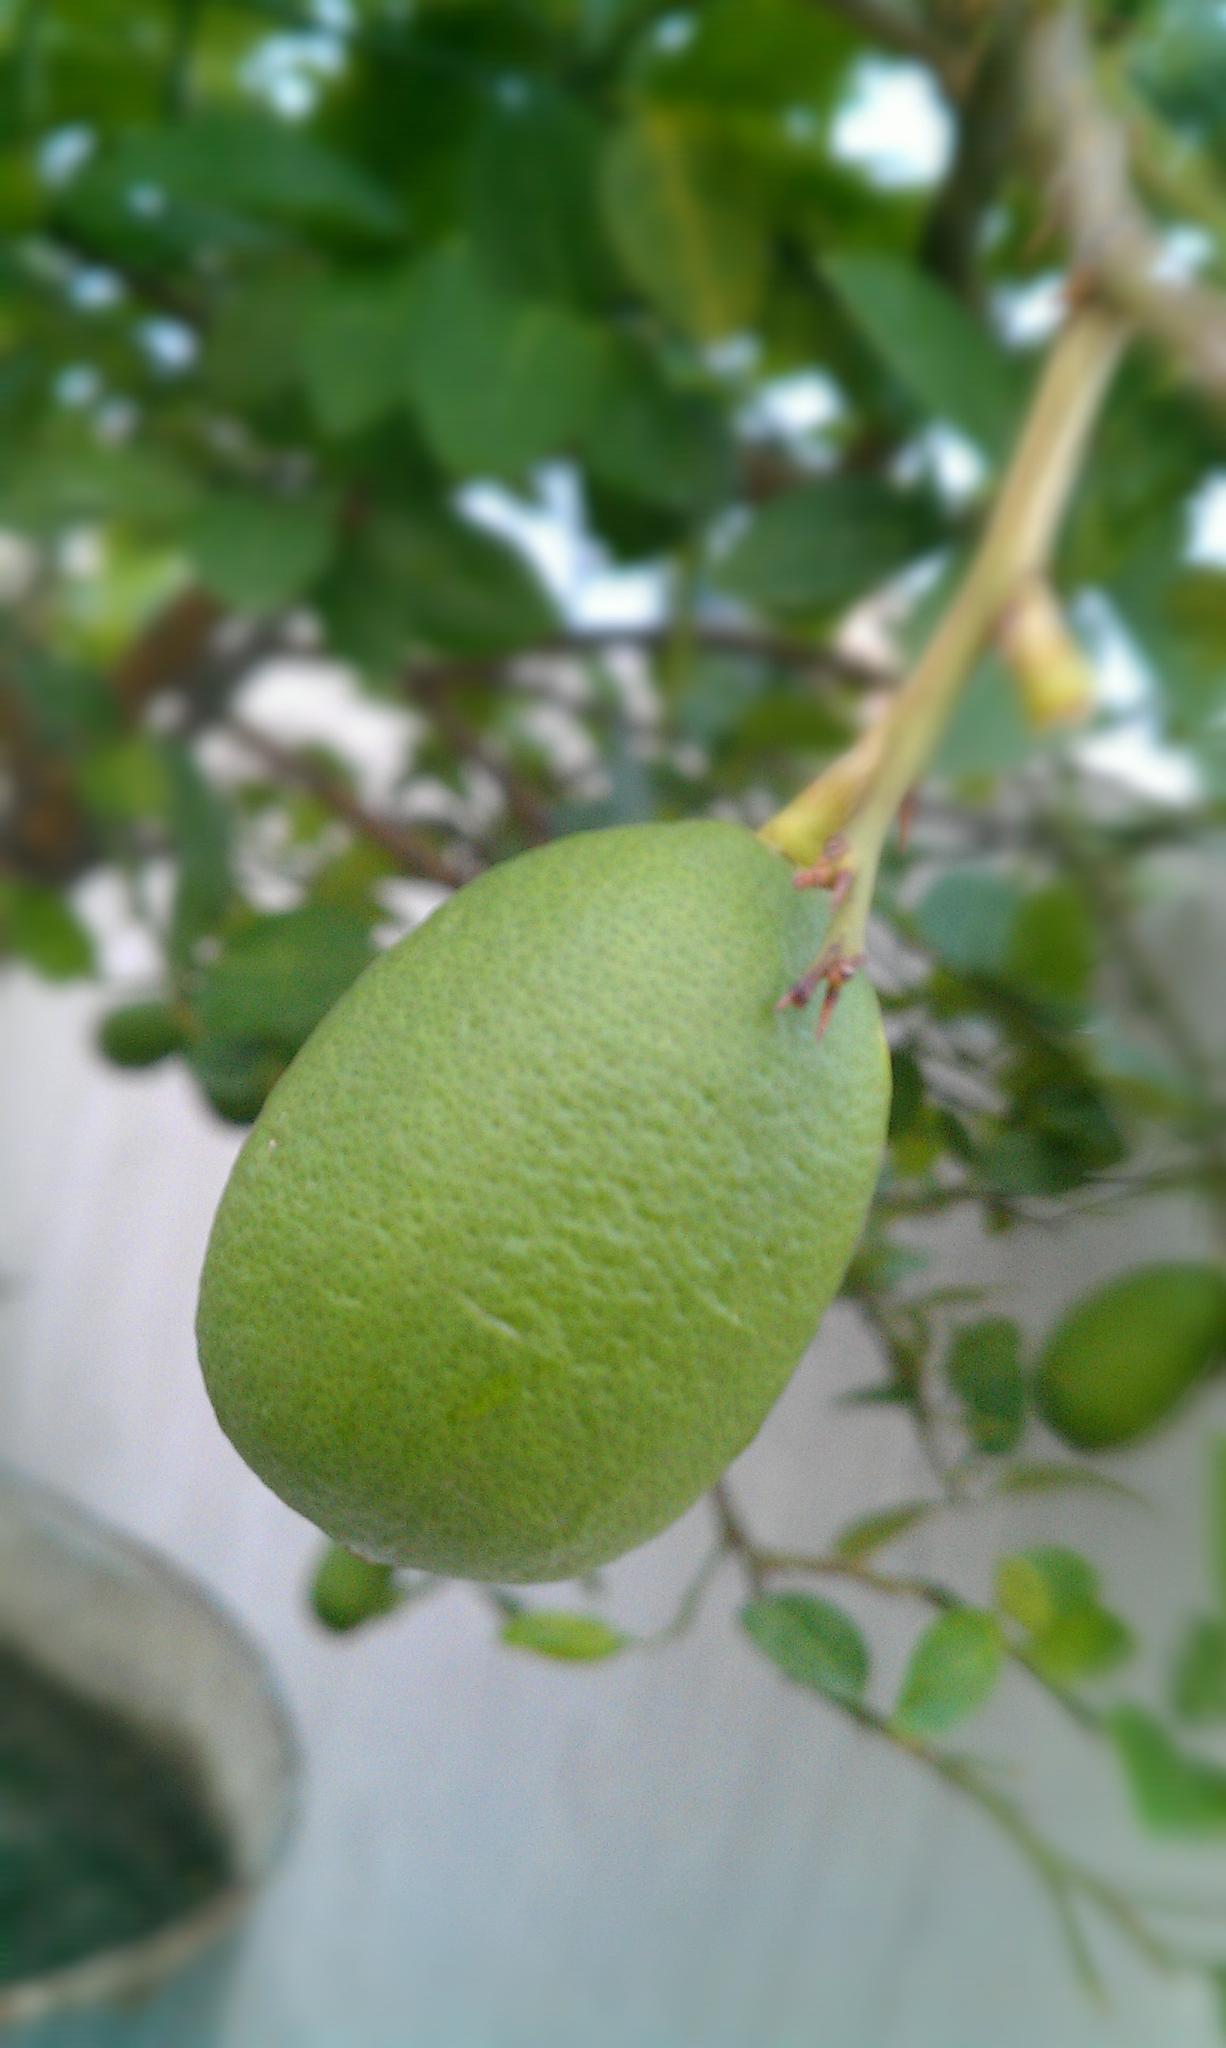 Lemon by Rezaur Sumon